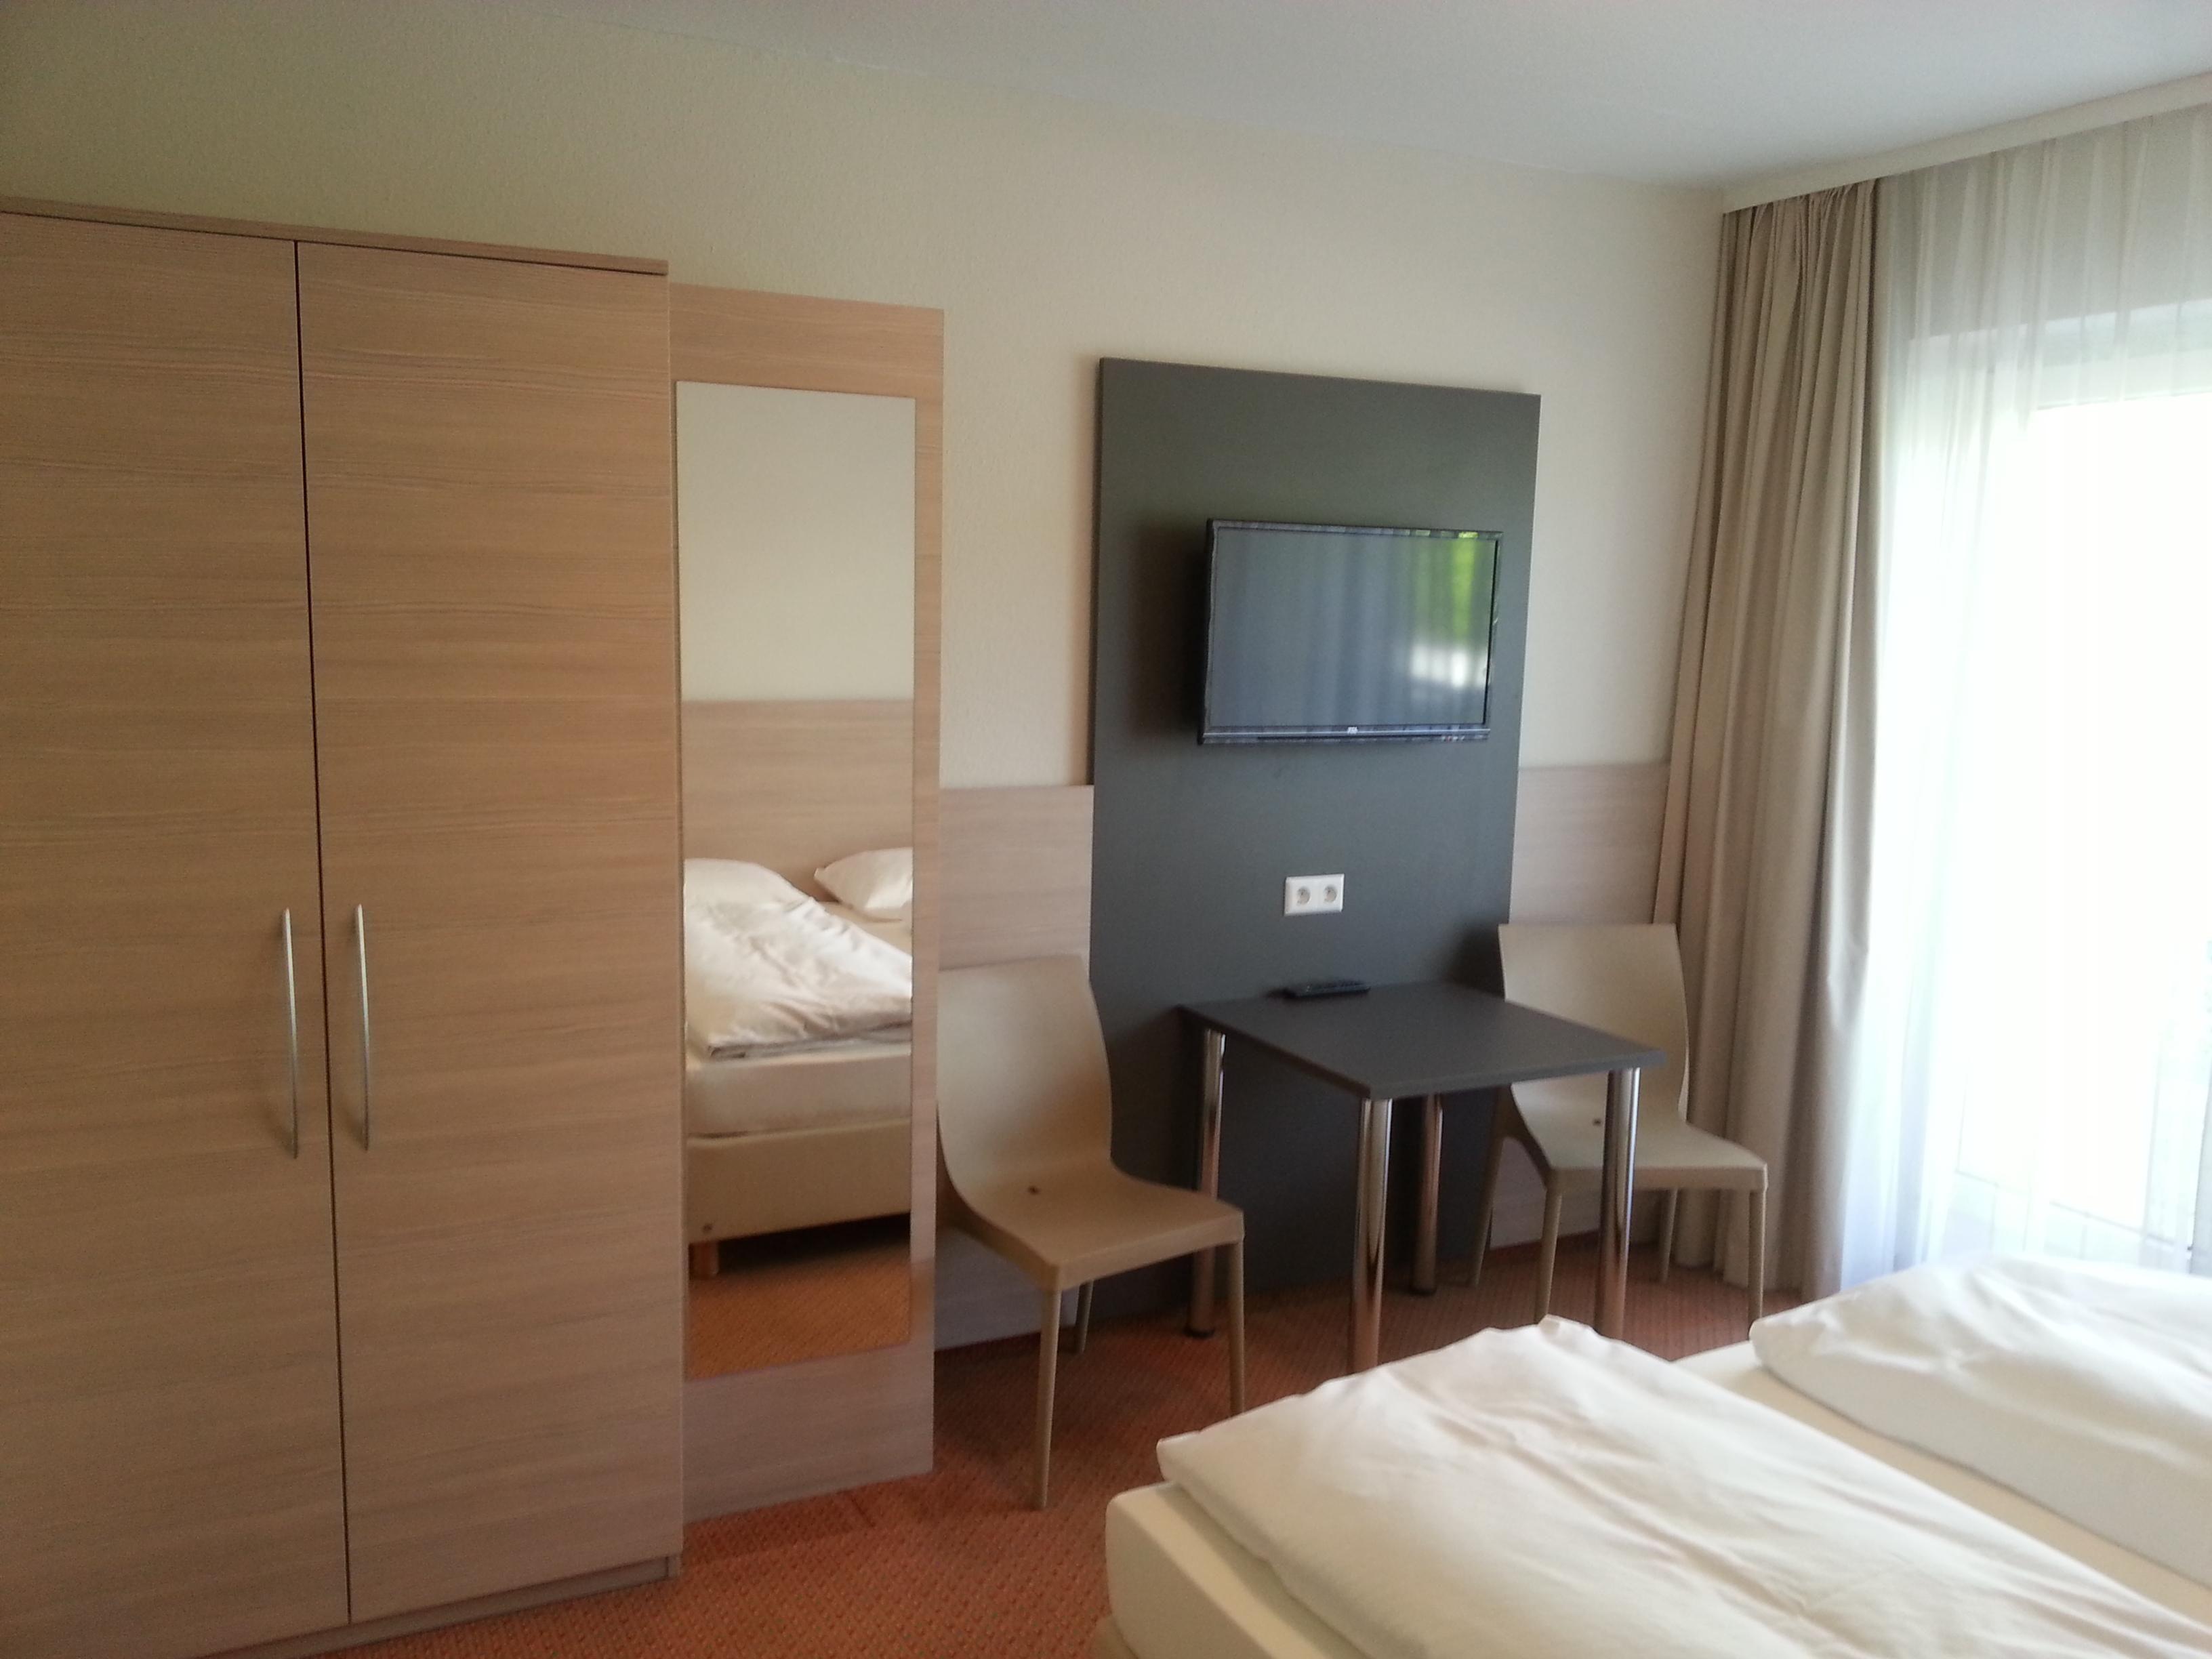 Alle Zimmer Mit Dusche/WC, Föhn, Teilweise Safe, Kabel TV,